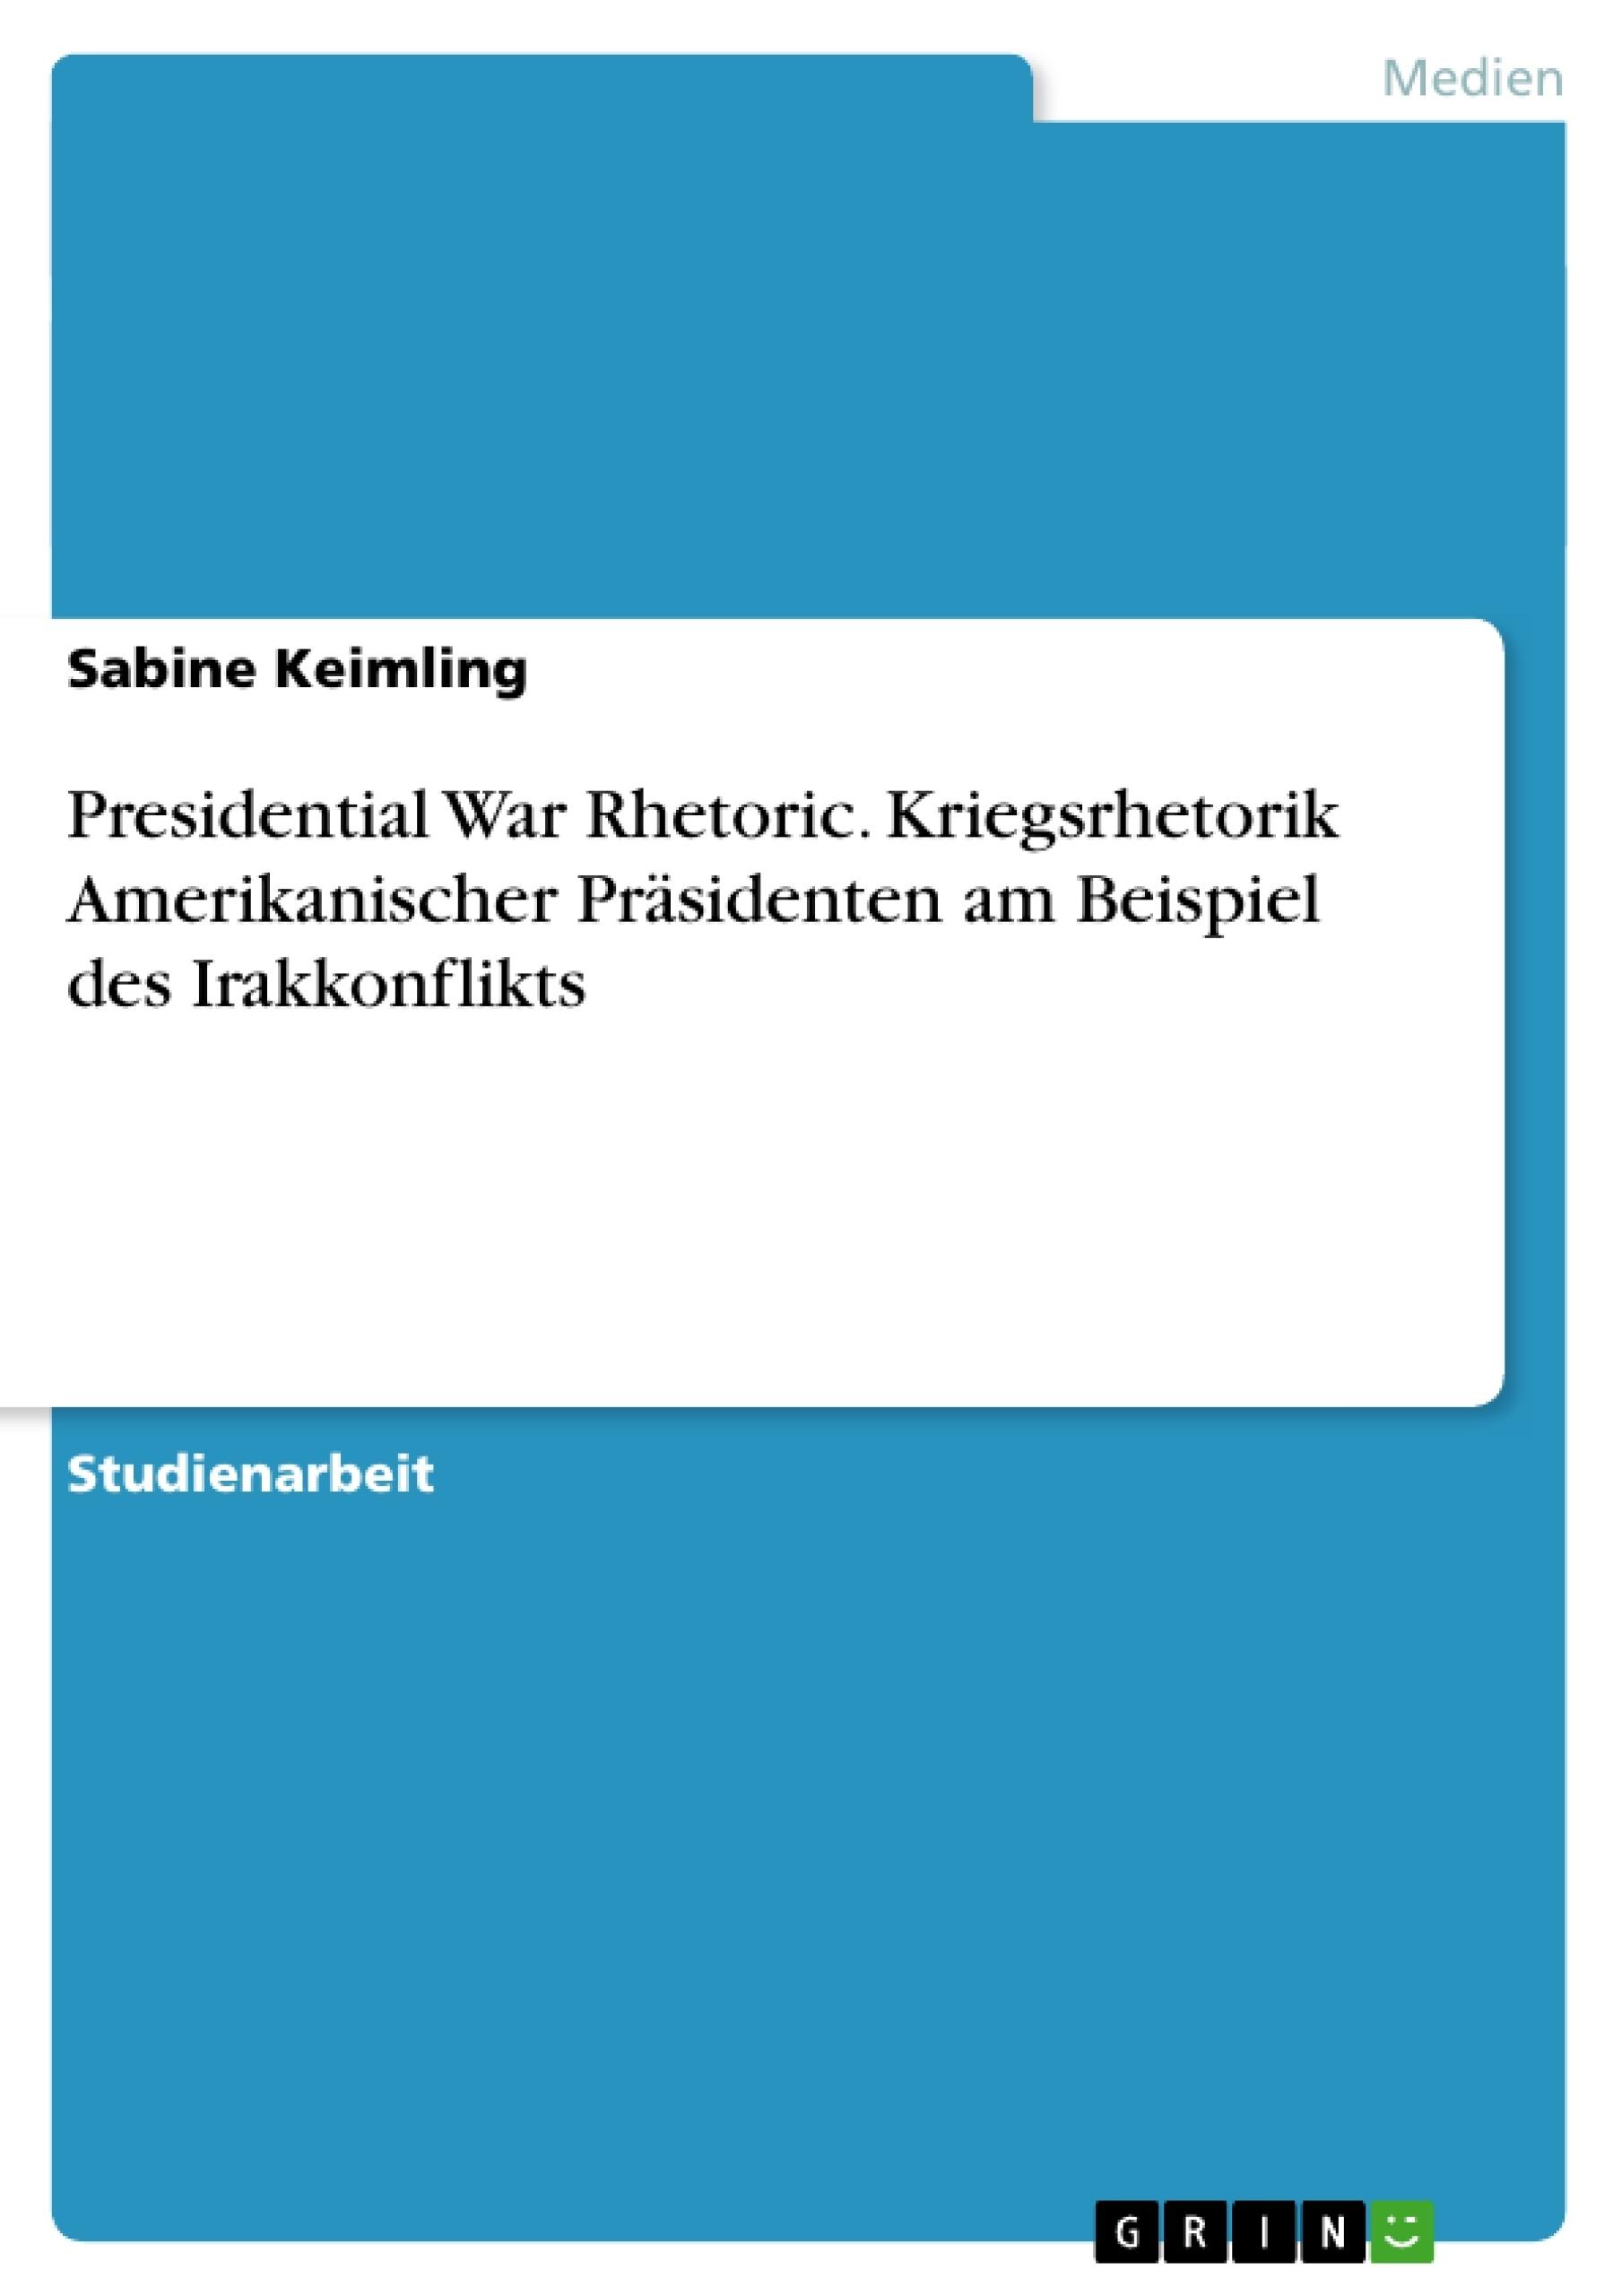 Titel: Presidential War Rhetoric. Kriegsrhetorik Amerikanischer Präsidenten am Beispiel des Irakkonflikts